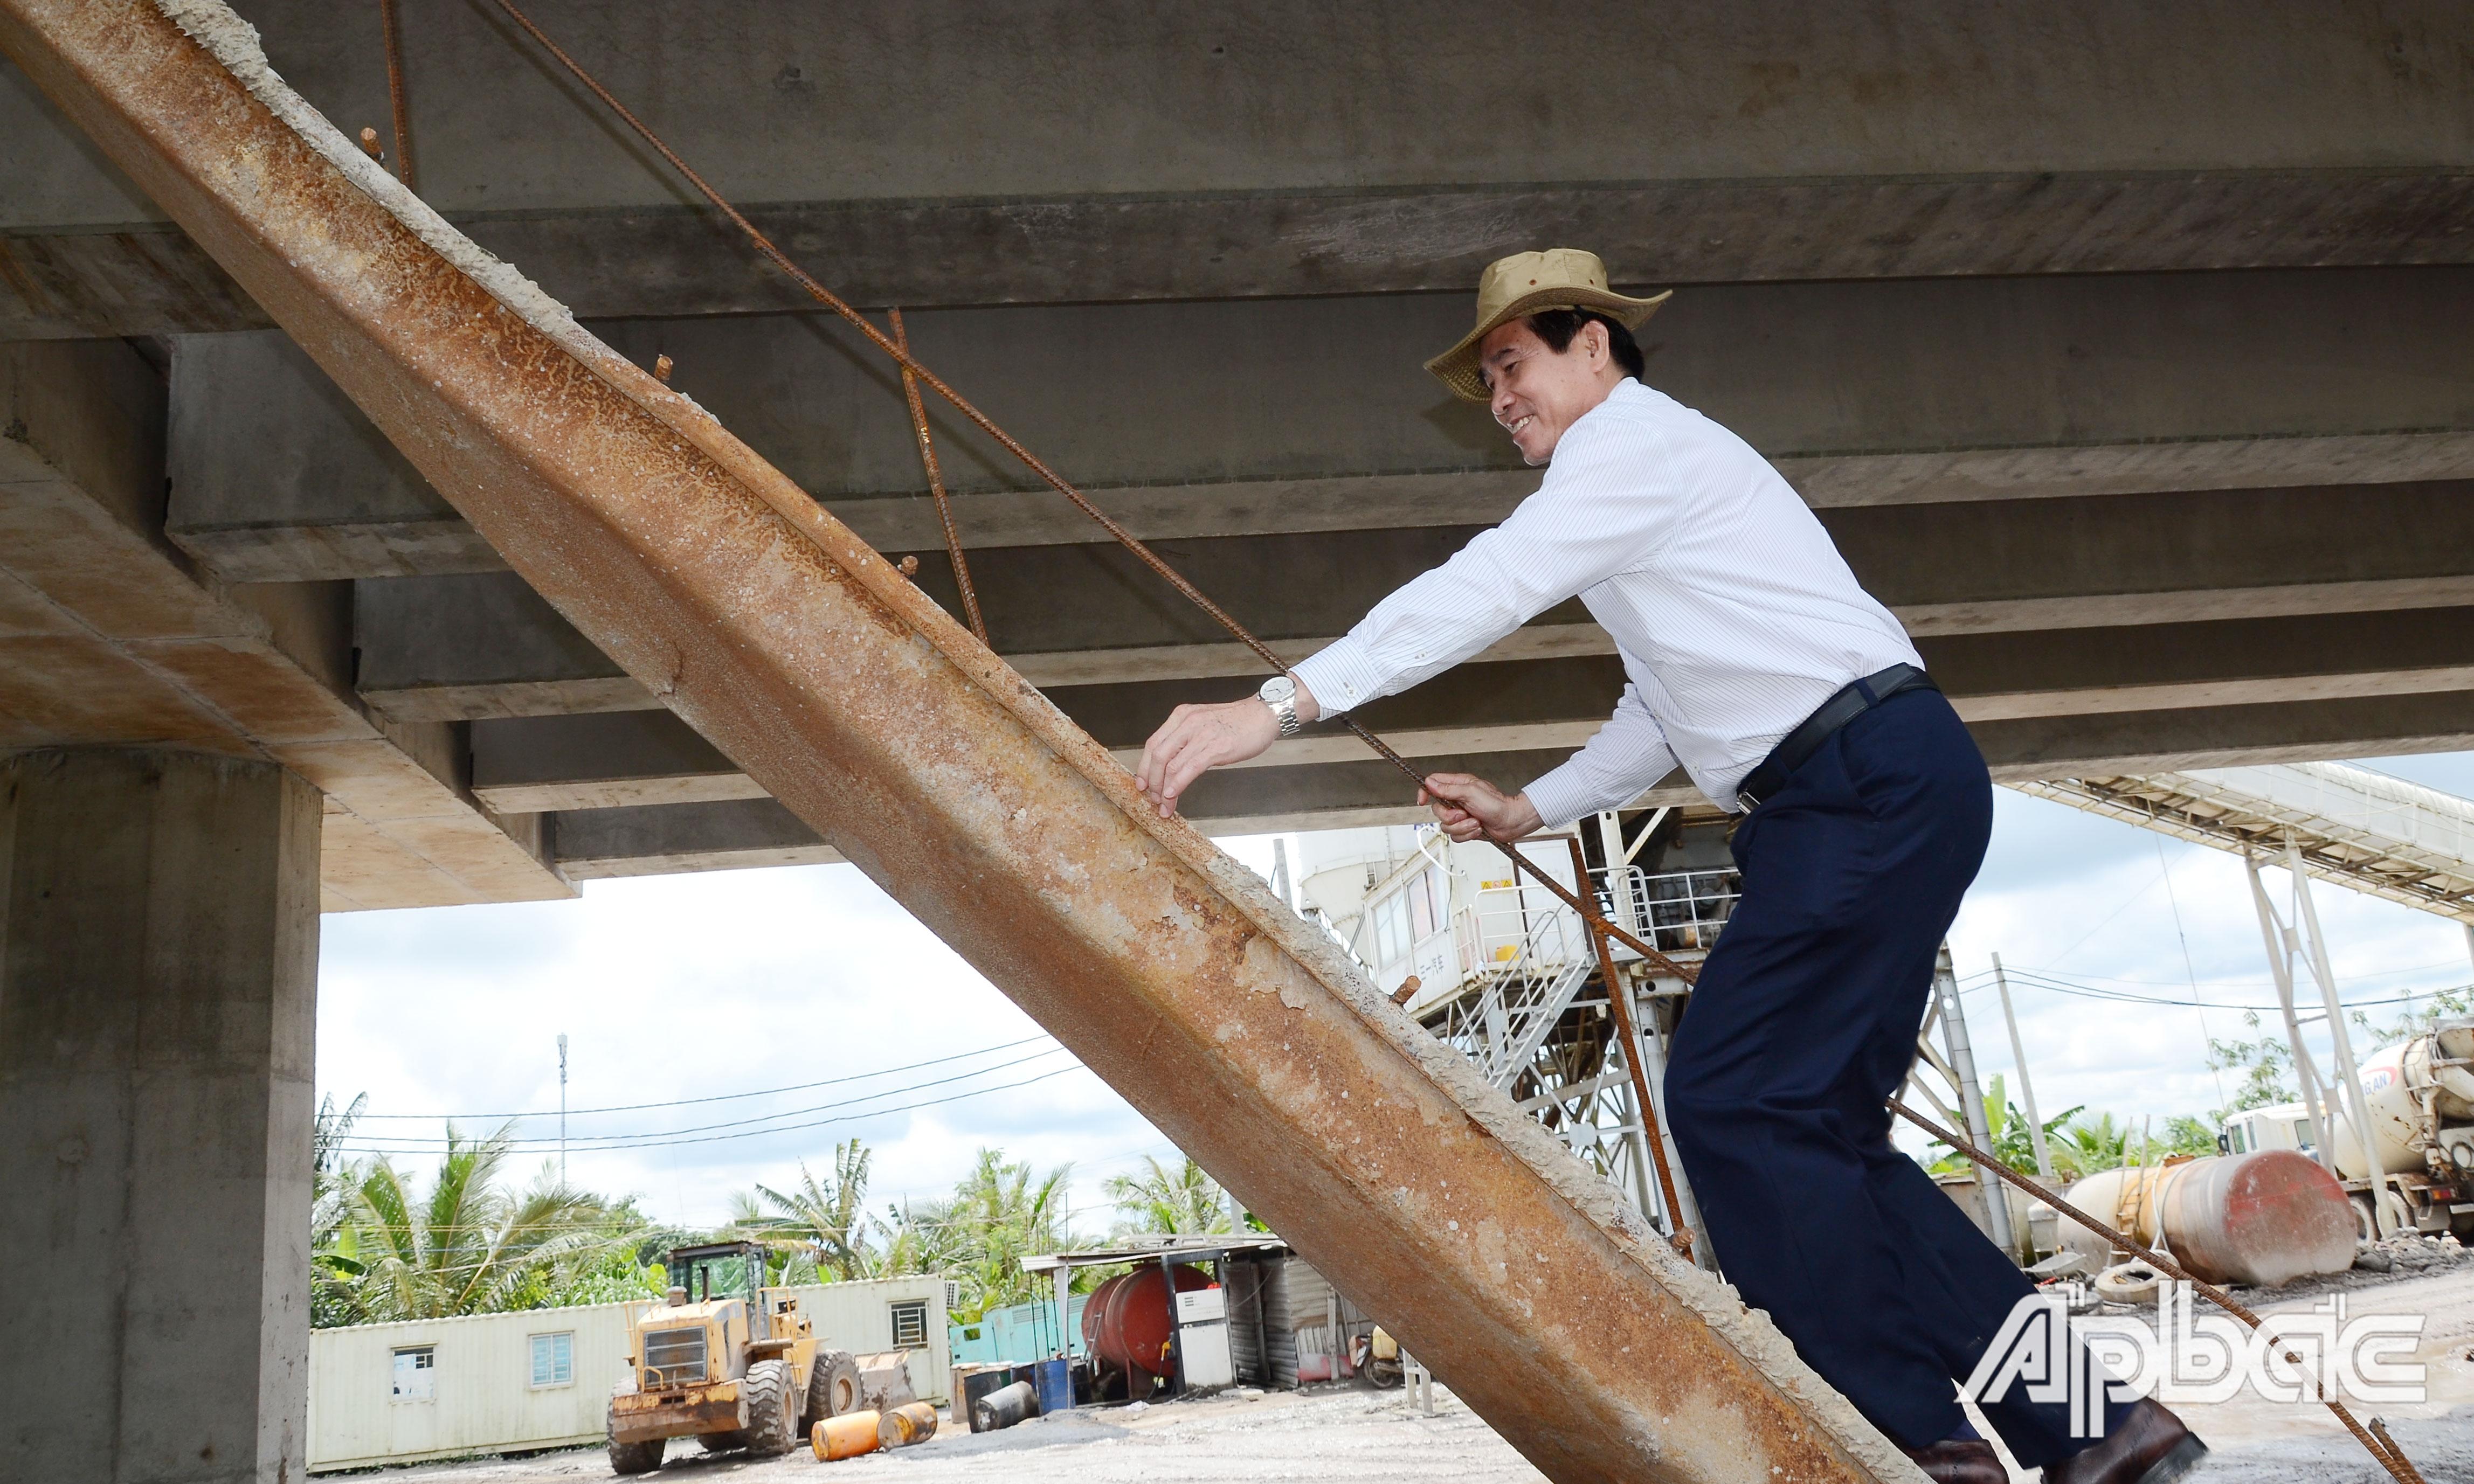 Đồng chí Lê Văn Hưởng kiểm tra tiến độ Dự án tại cầu Kinh Xáng.